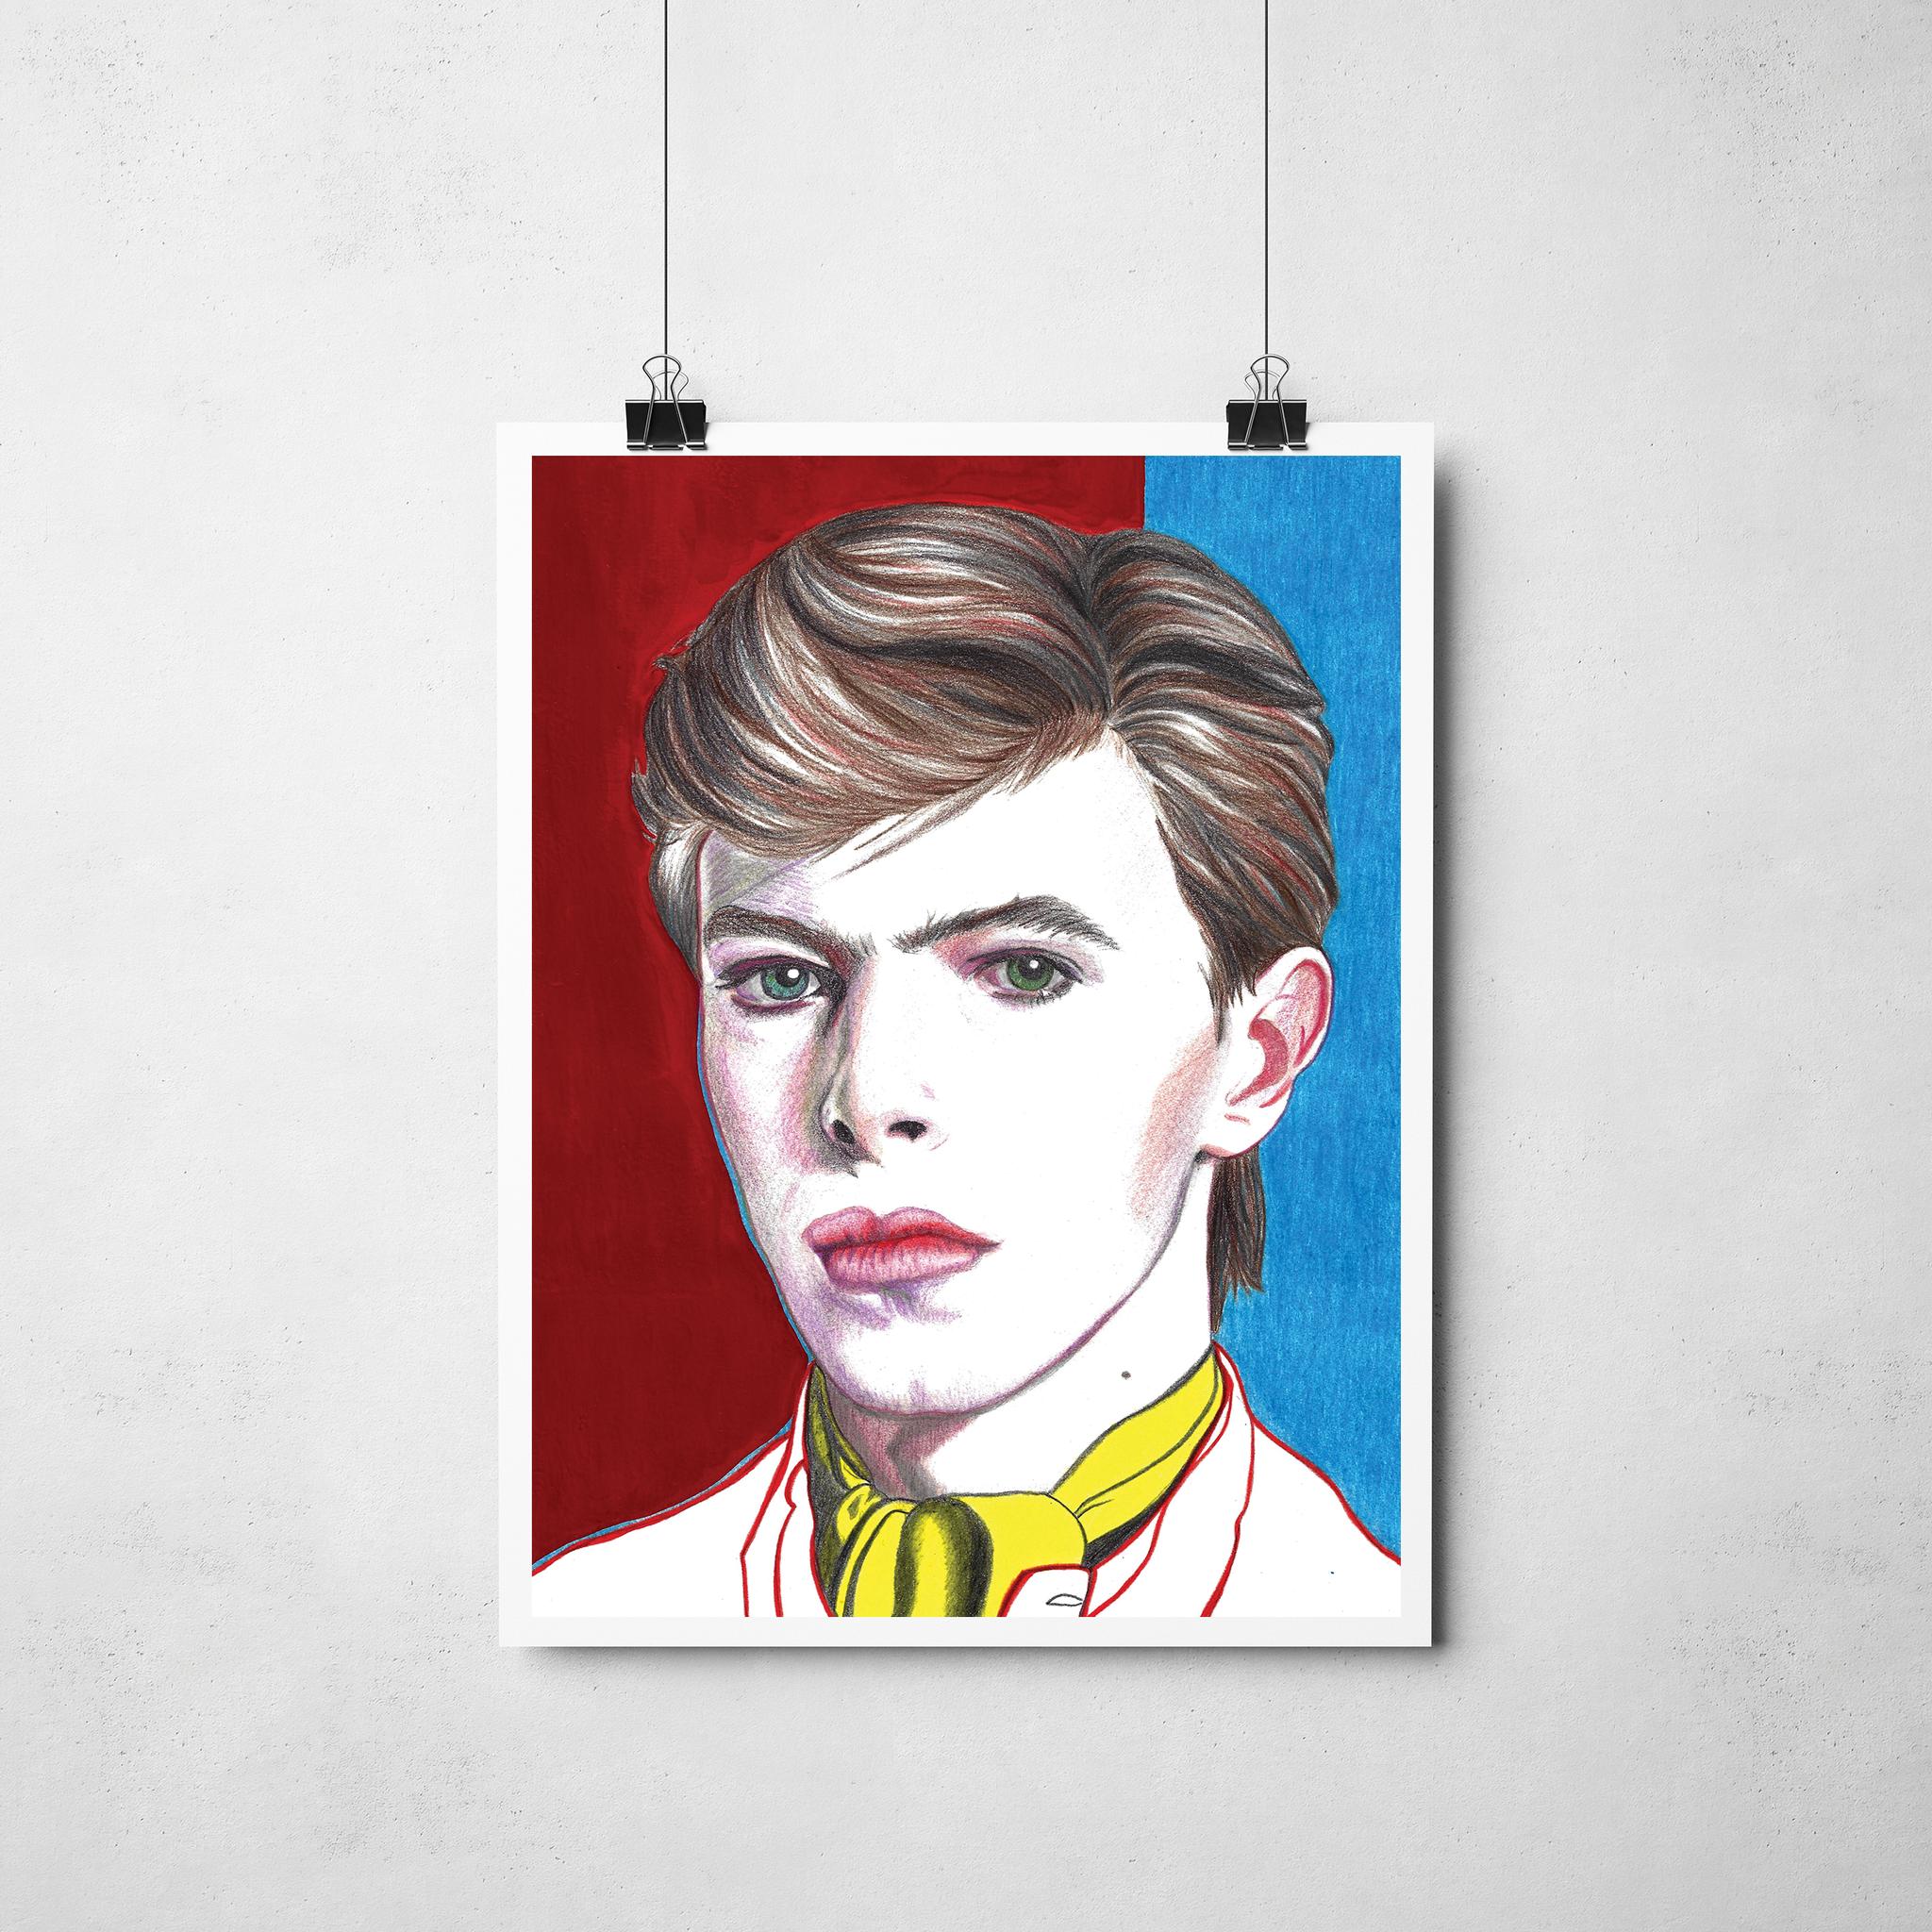 Lámina Ilustración David Bowie - Roció Mera